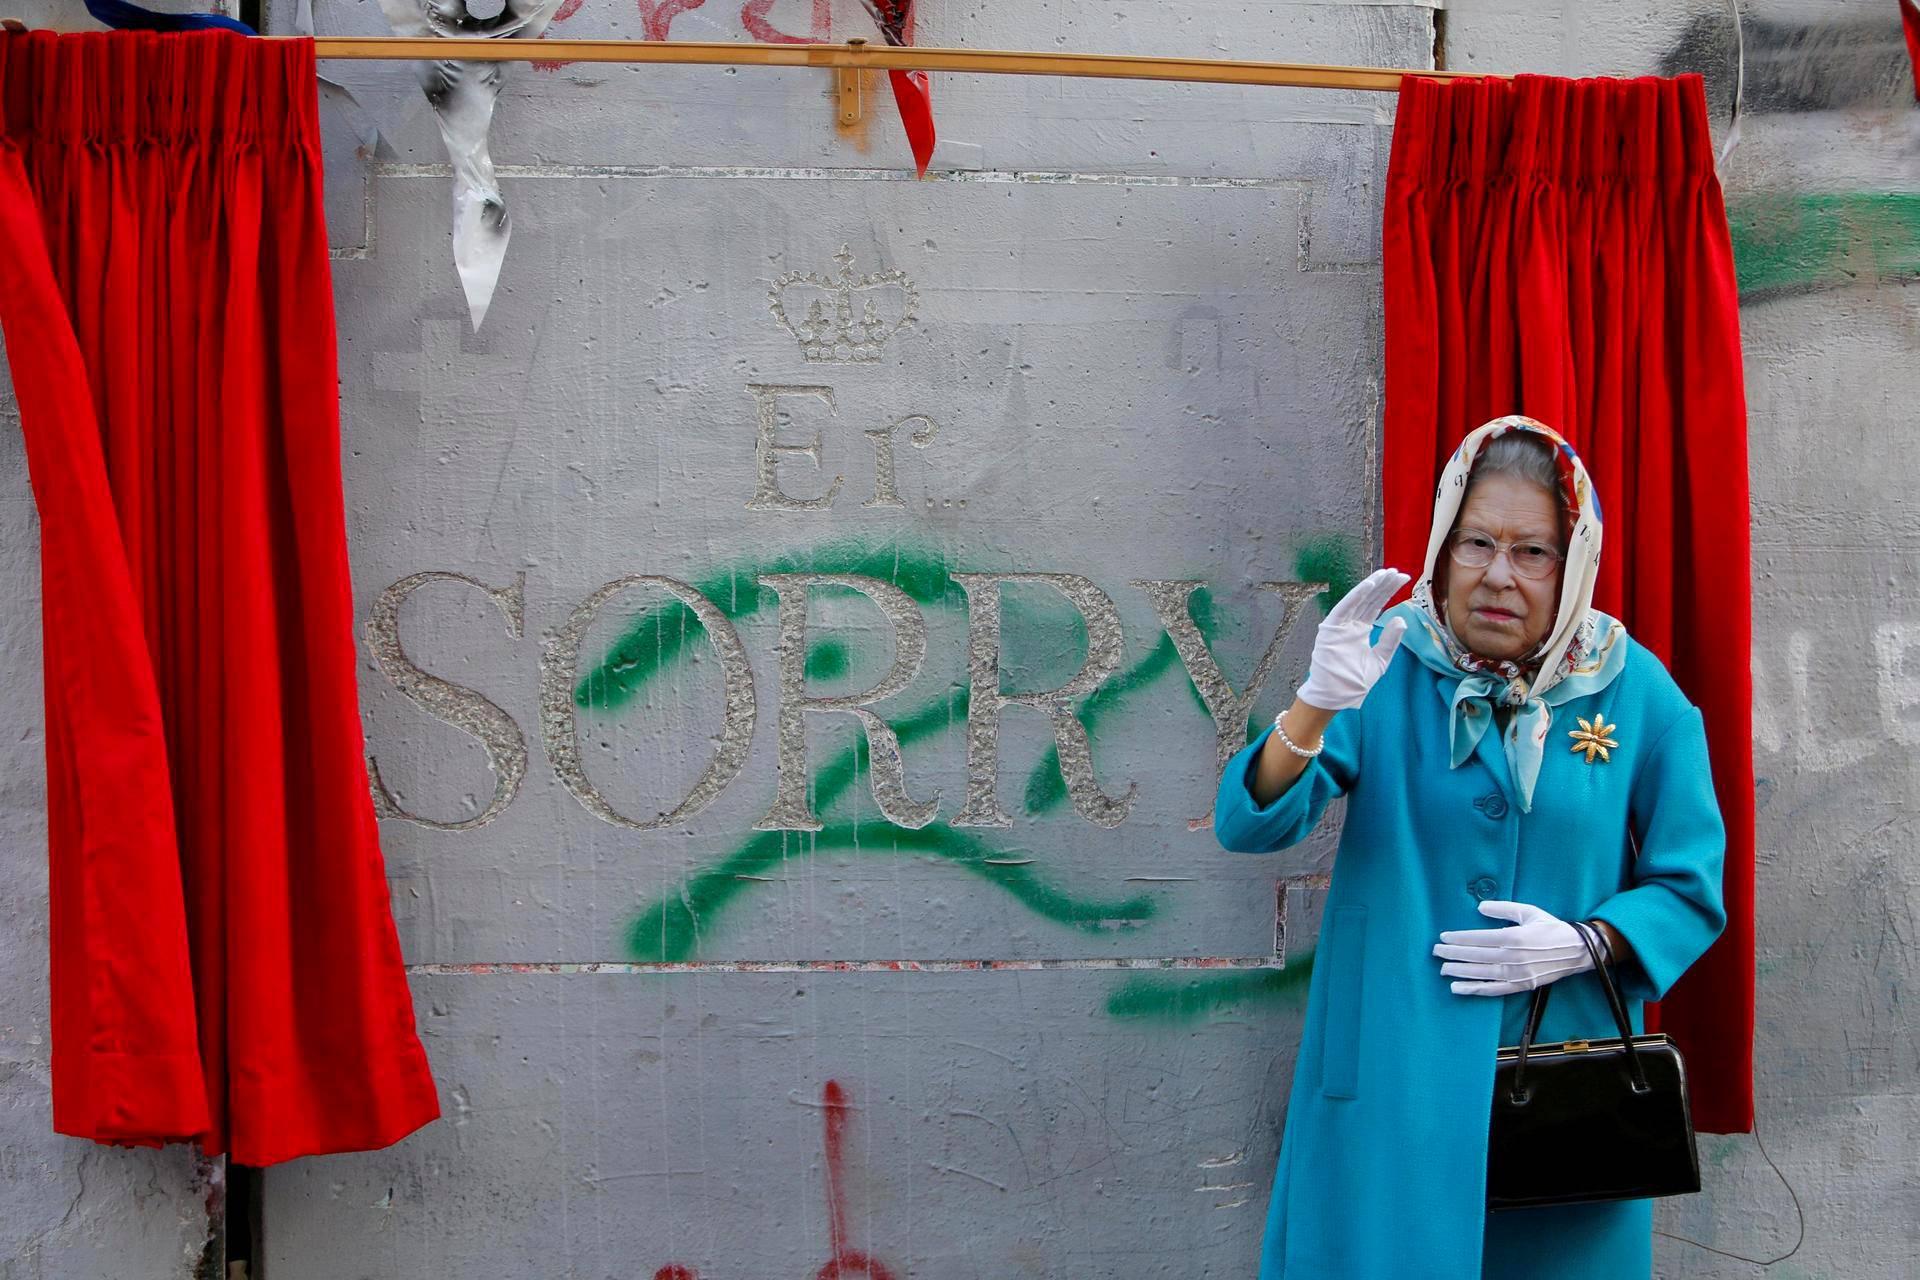 Kuningatar Elisabet II:ksi pukeutunut henkilö vilkutti taiteilija Banksyn teoksen edessä Betlehemissä Länsirannalla Balfourin julistuksen vuosipäivän alla. 100 vuotta sitten annetussa julistuksessa Britannian hallitus ilmoitti tukevansa juutalaisten oman valtion perustamista Palestiinaan.